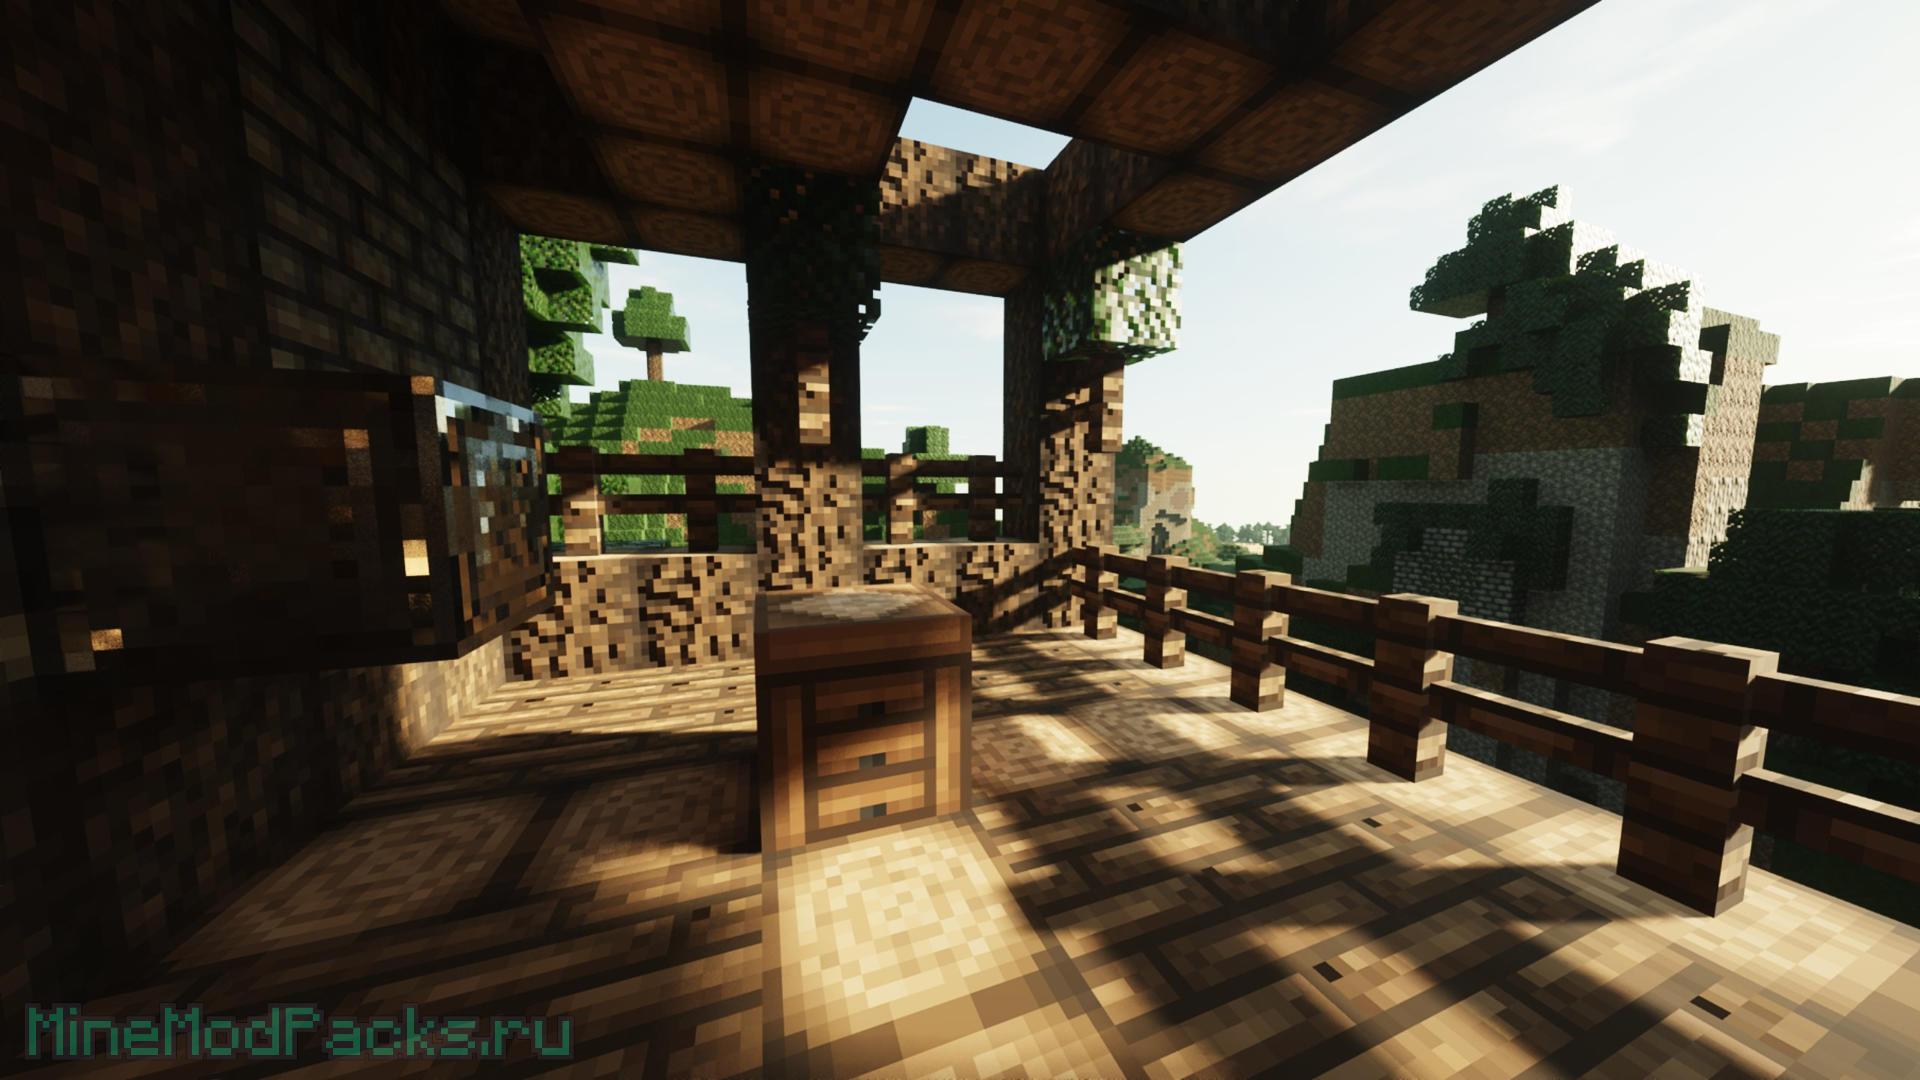 SEUS – Шейдеры с RTX Ray Tracing - Minecraft Модпаки